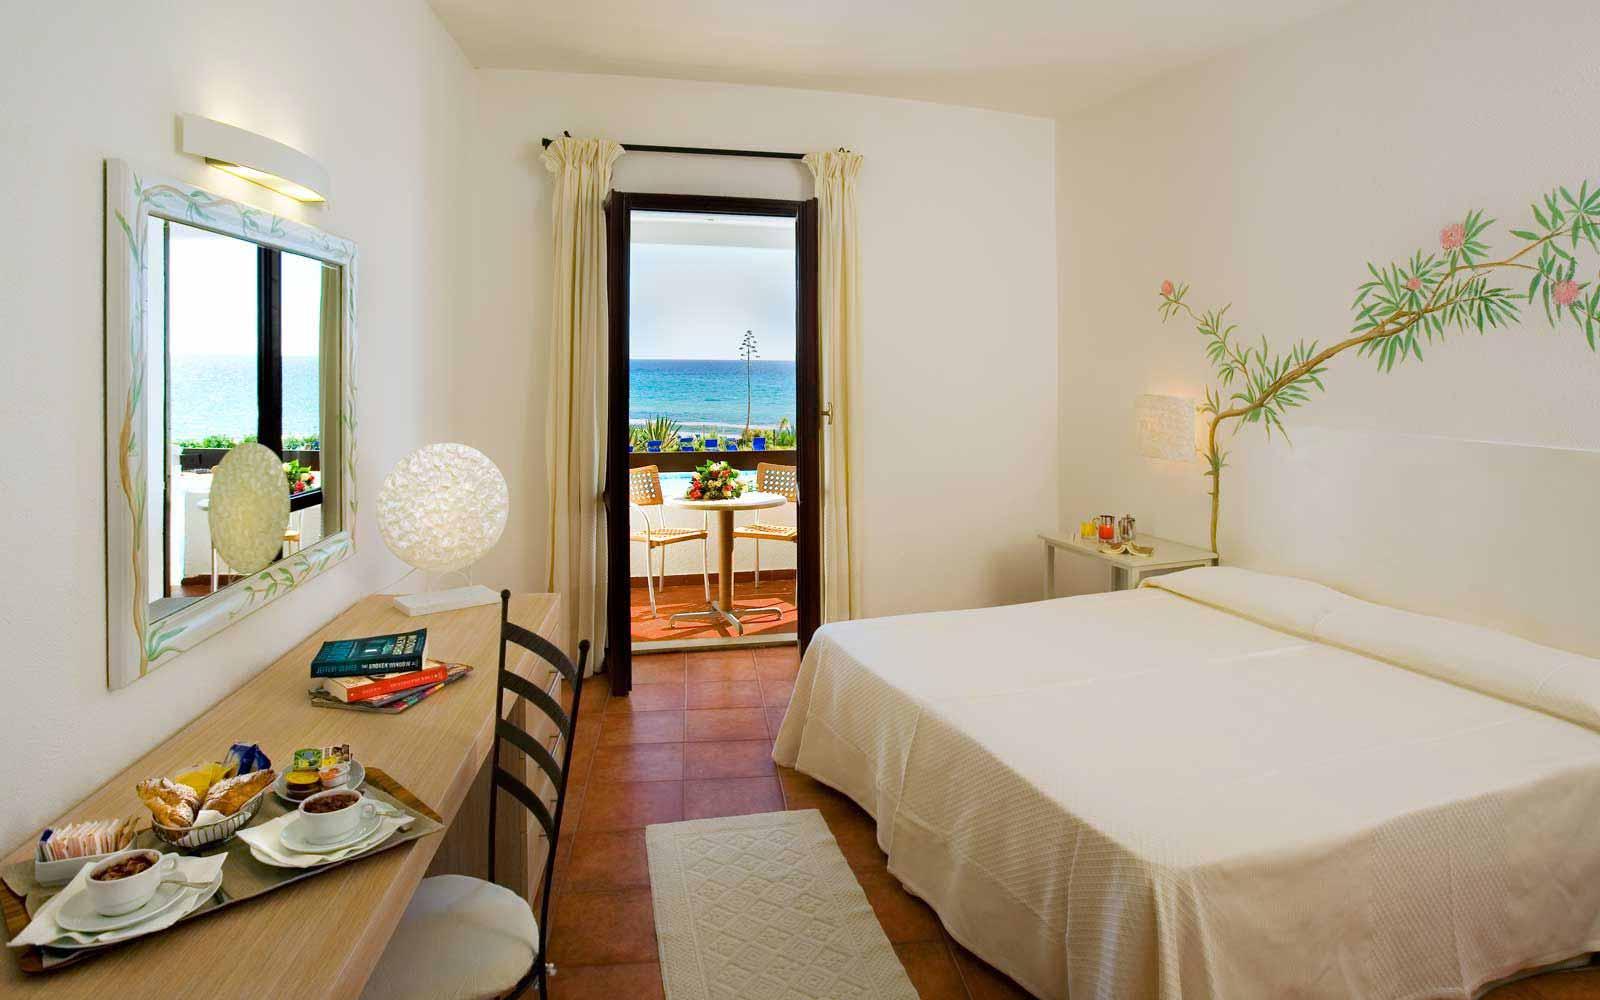 Superior room seaview at Hotel Flamingo